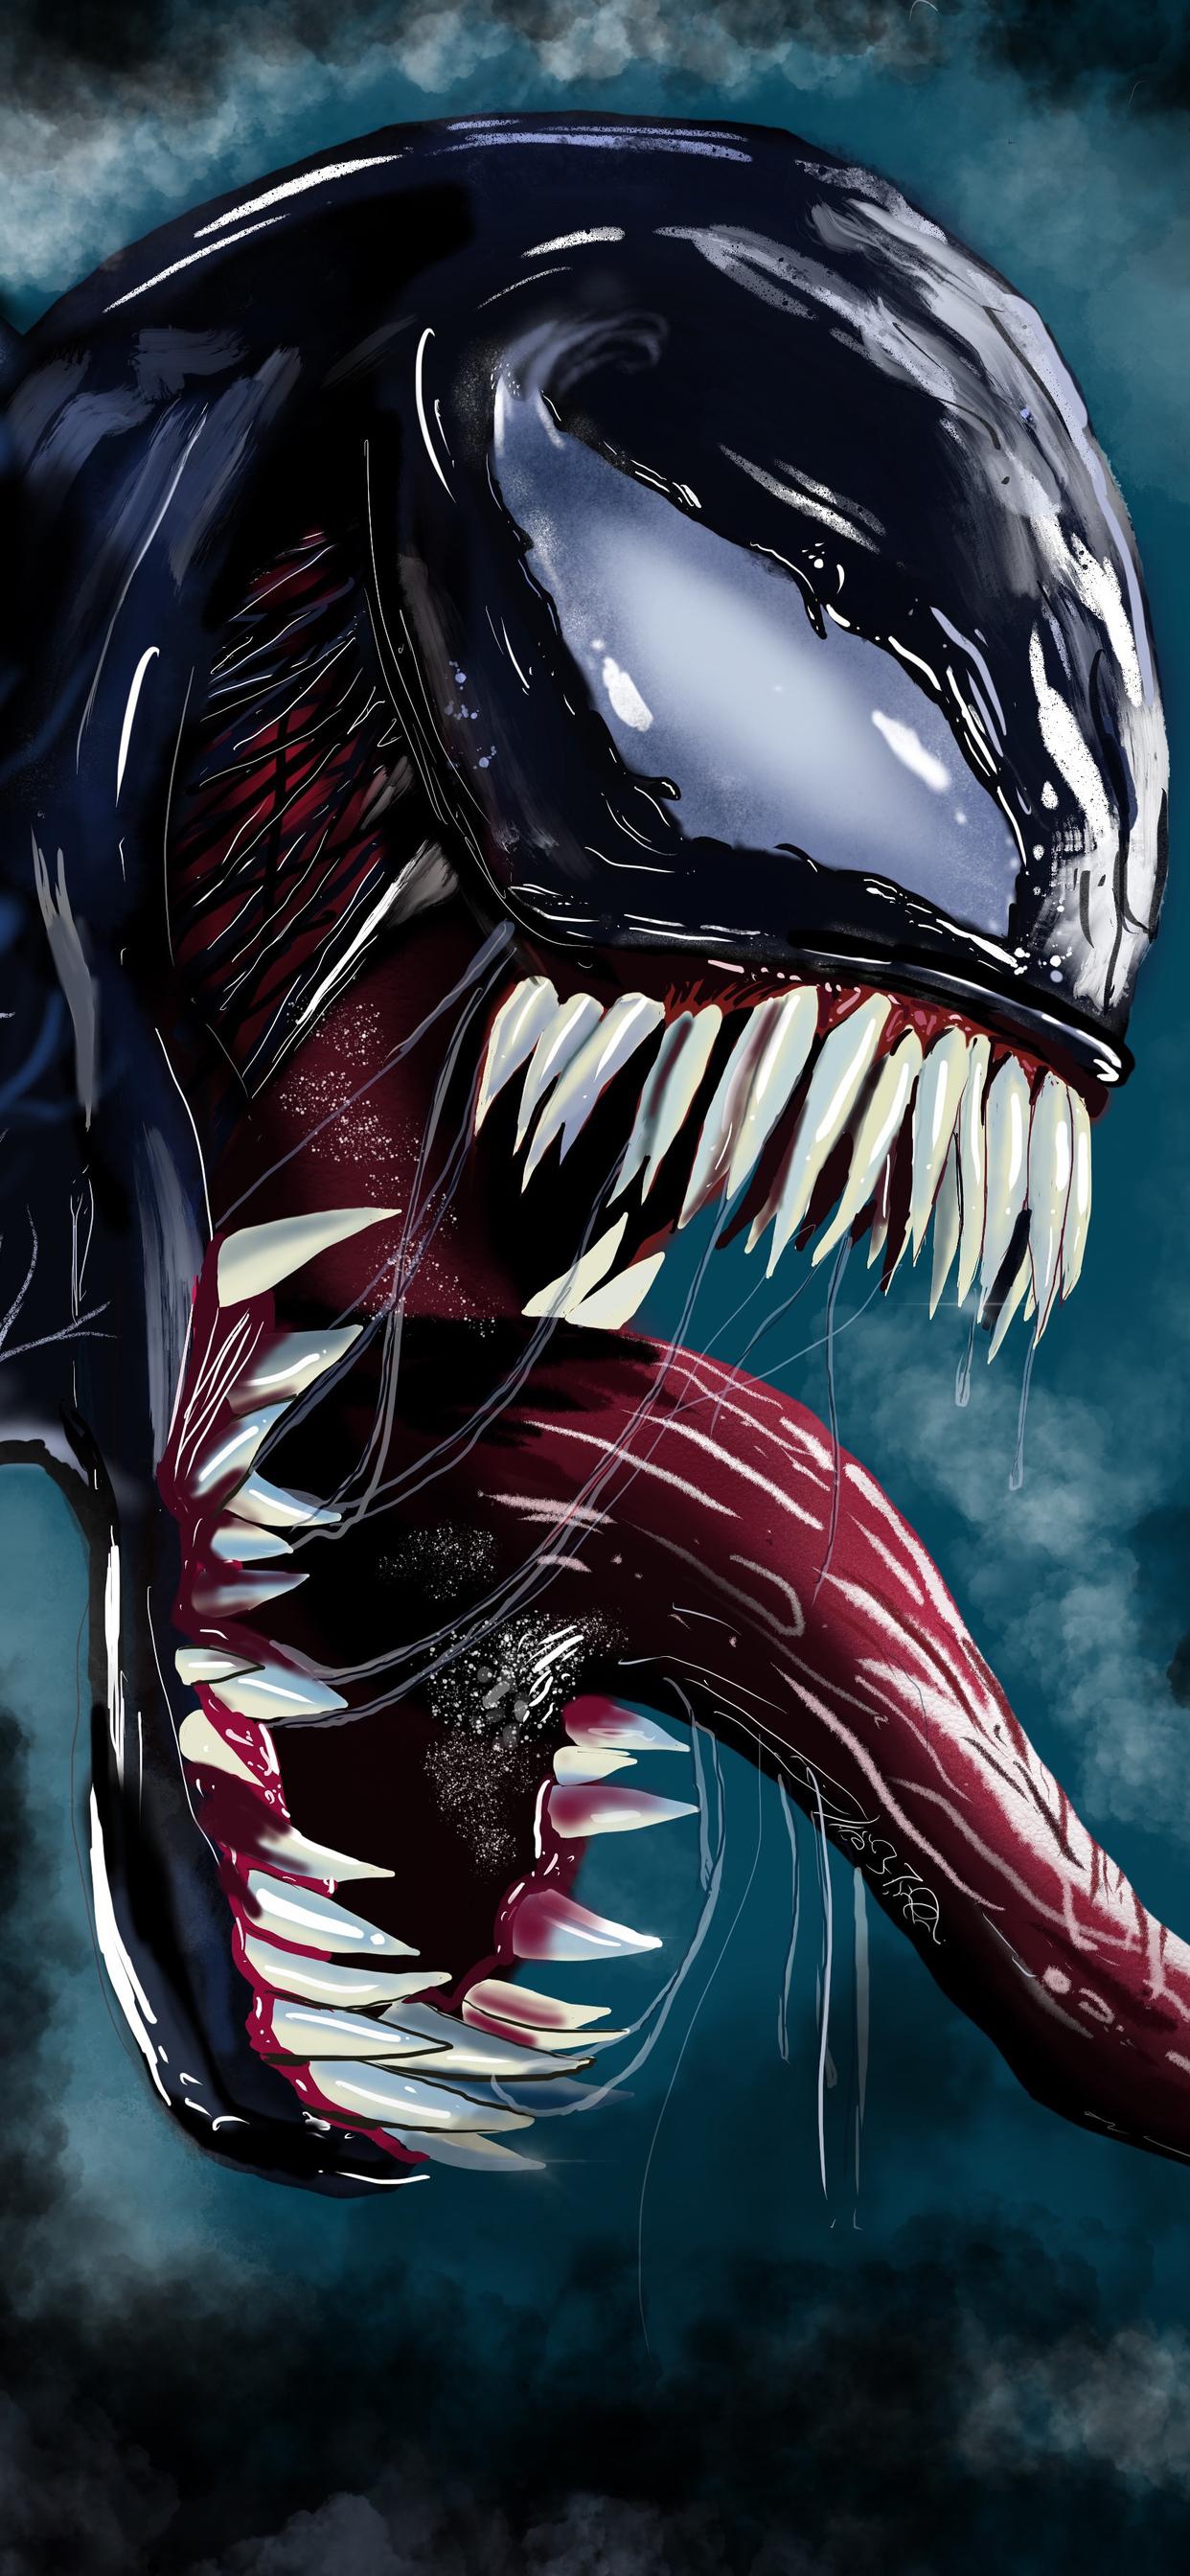 1242x2688 Venom New Digital Artworks Iphone Xs Max Hd 4k